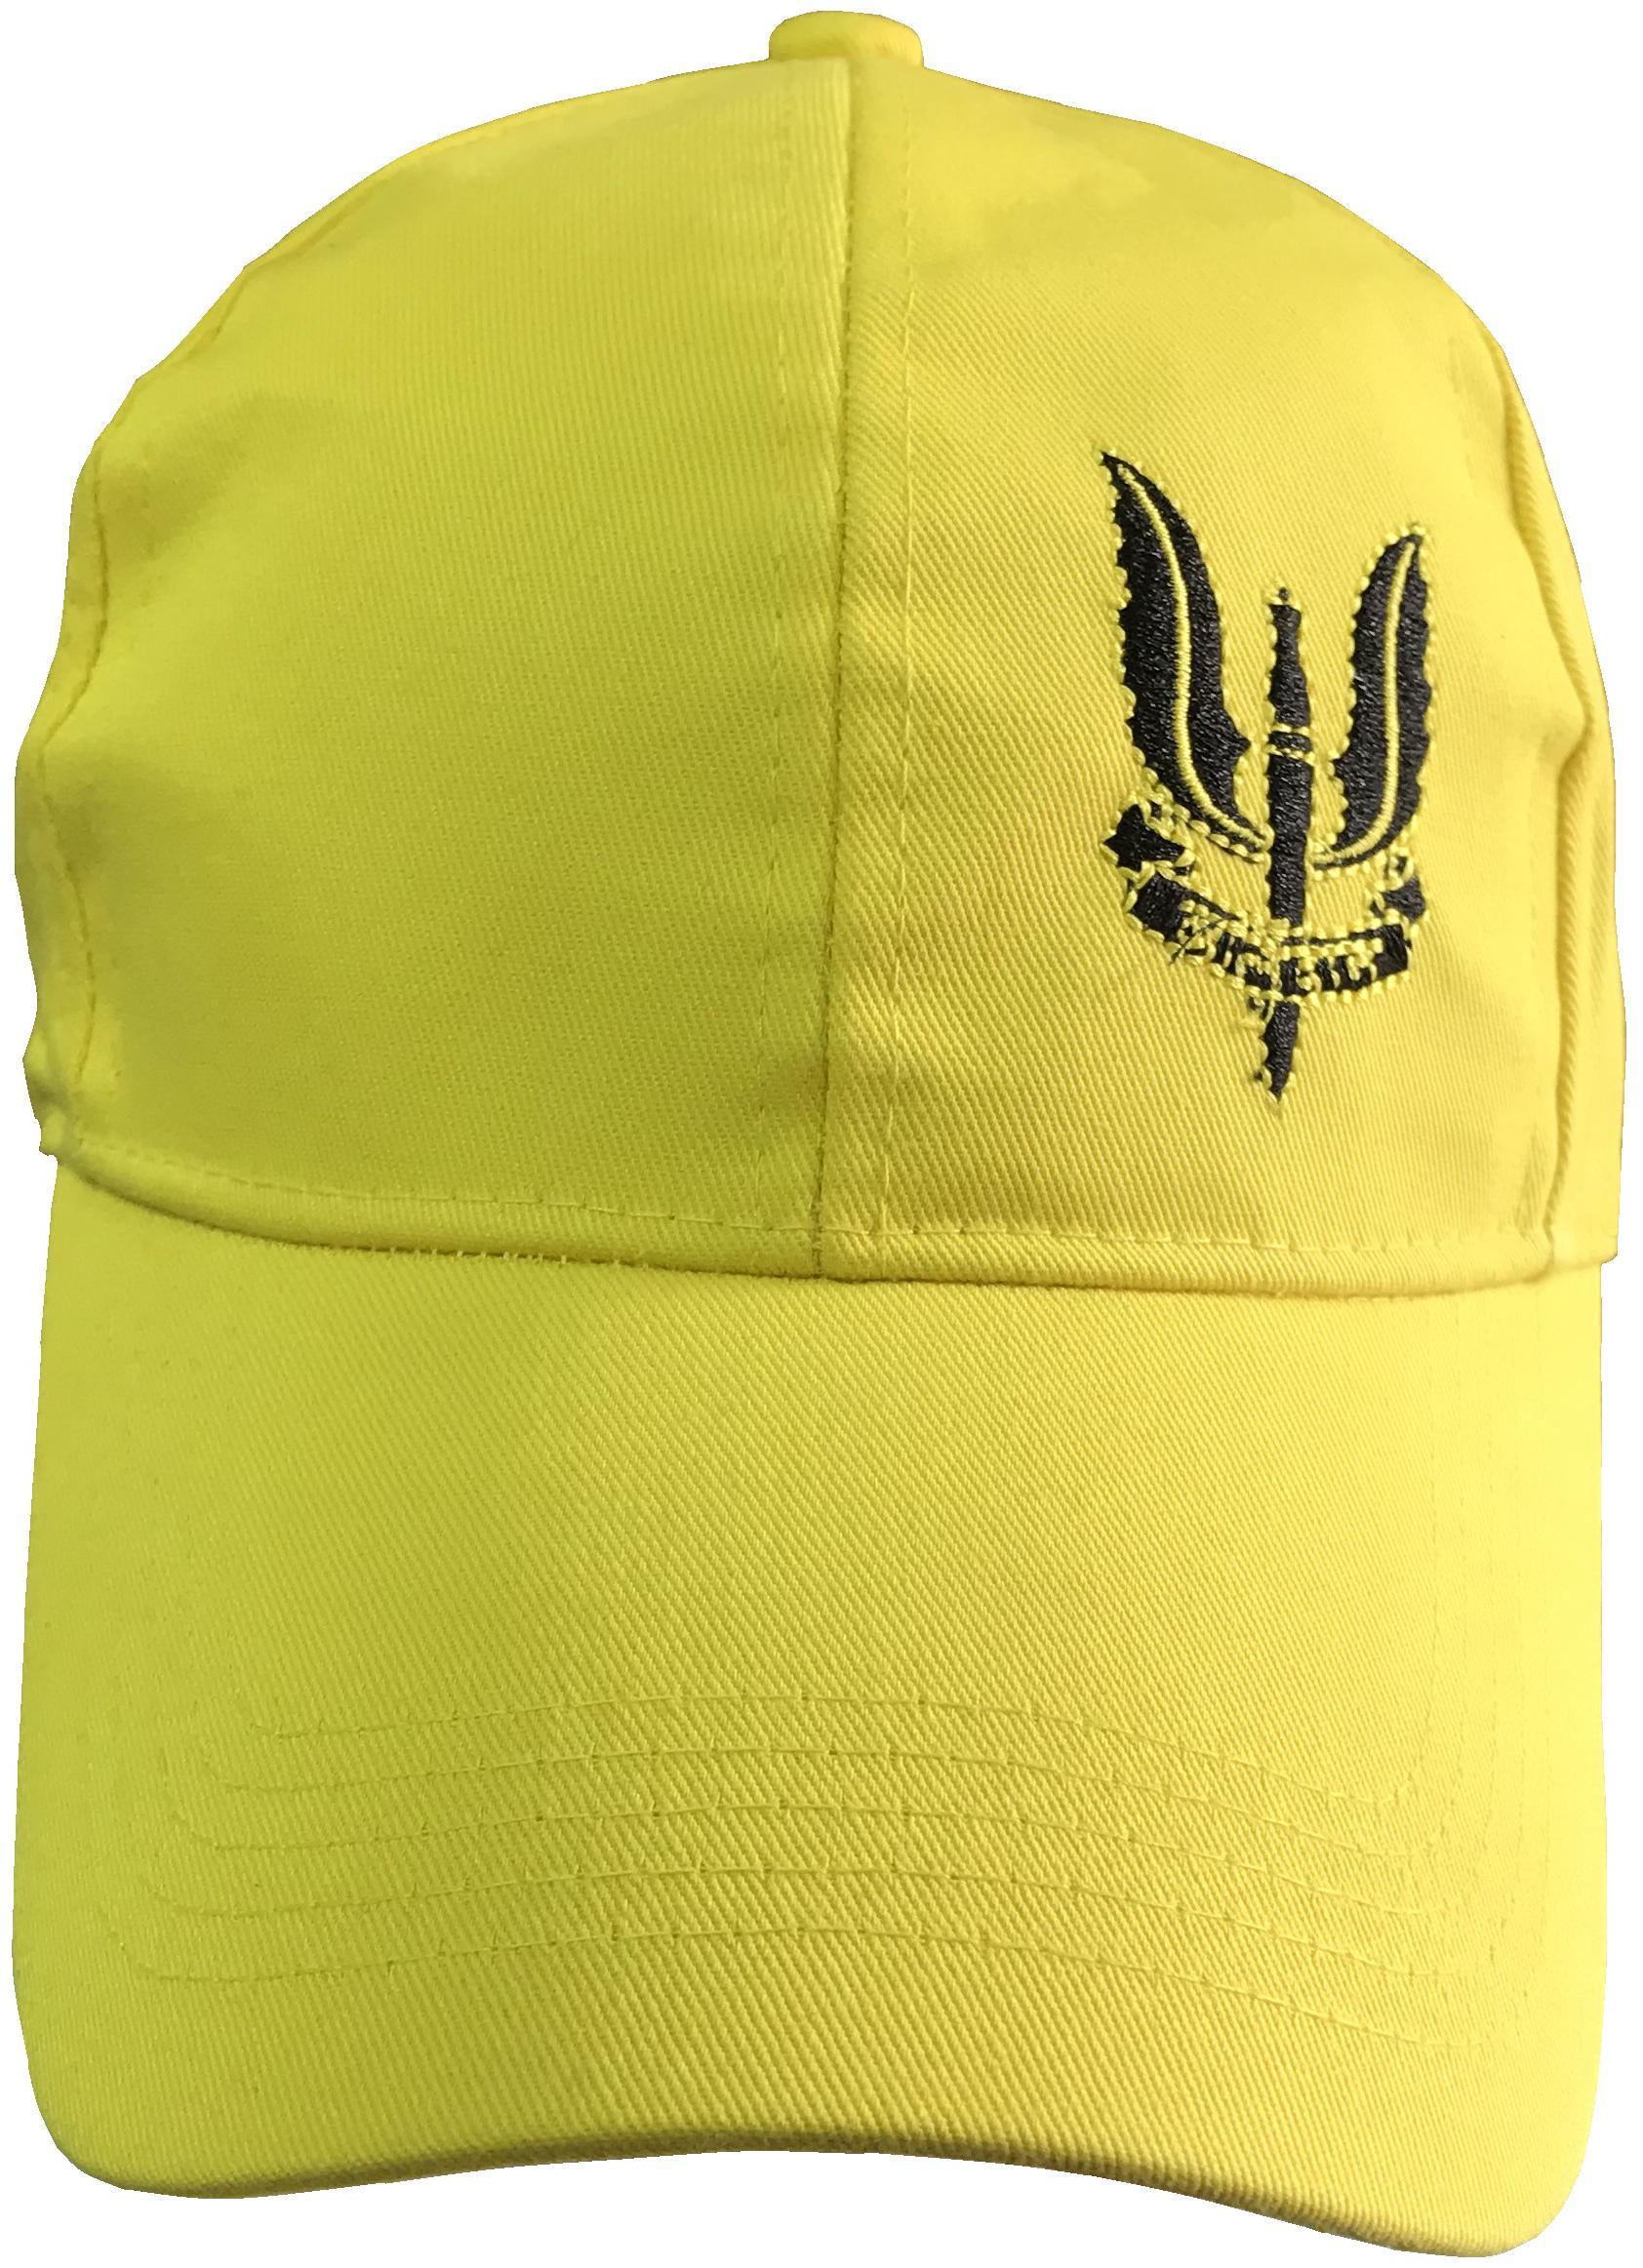 Saifpro Yellow Solid Plain Balidaan Black Embroidered Baseball Cap